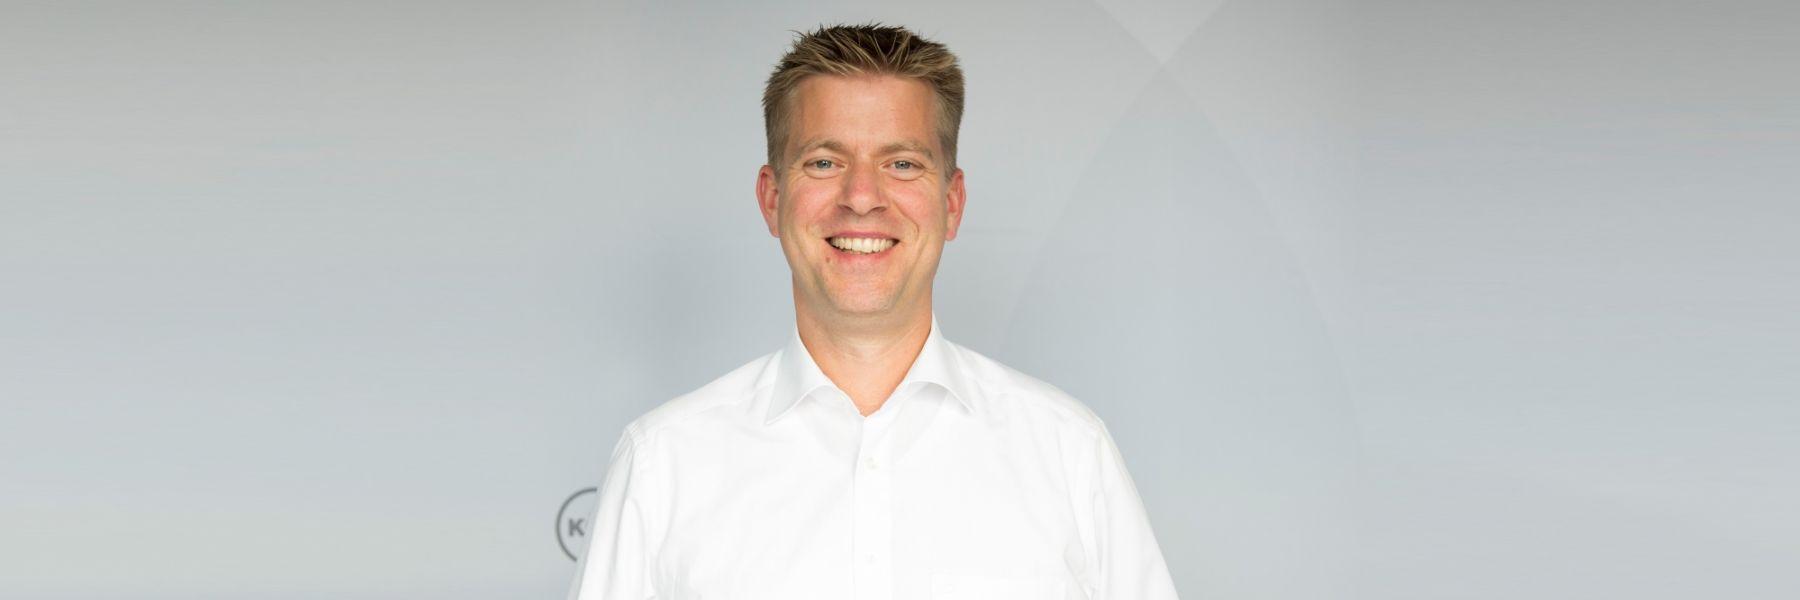 Durch Interview Vorne    mit Jens Delventhal